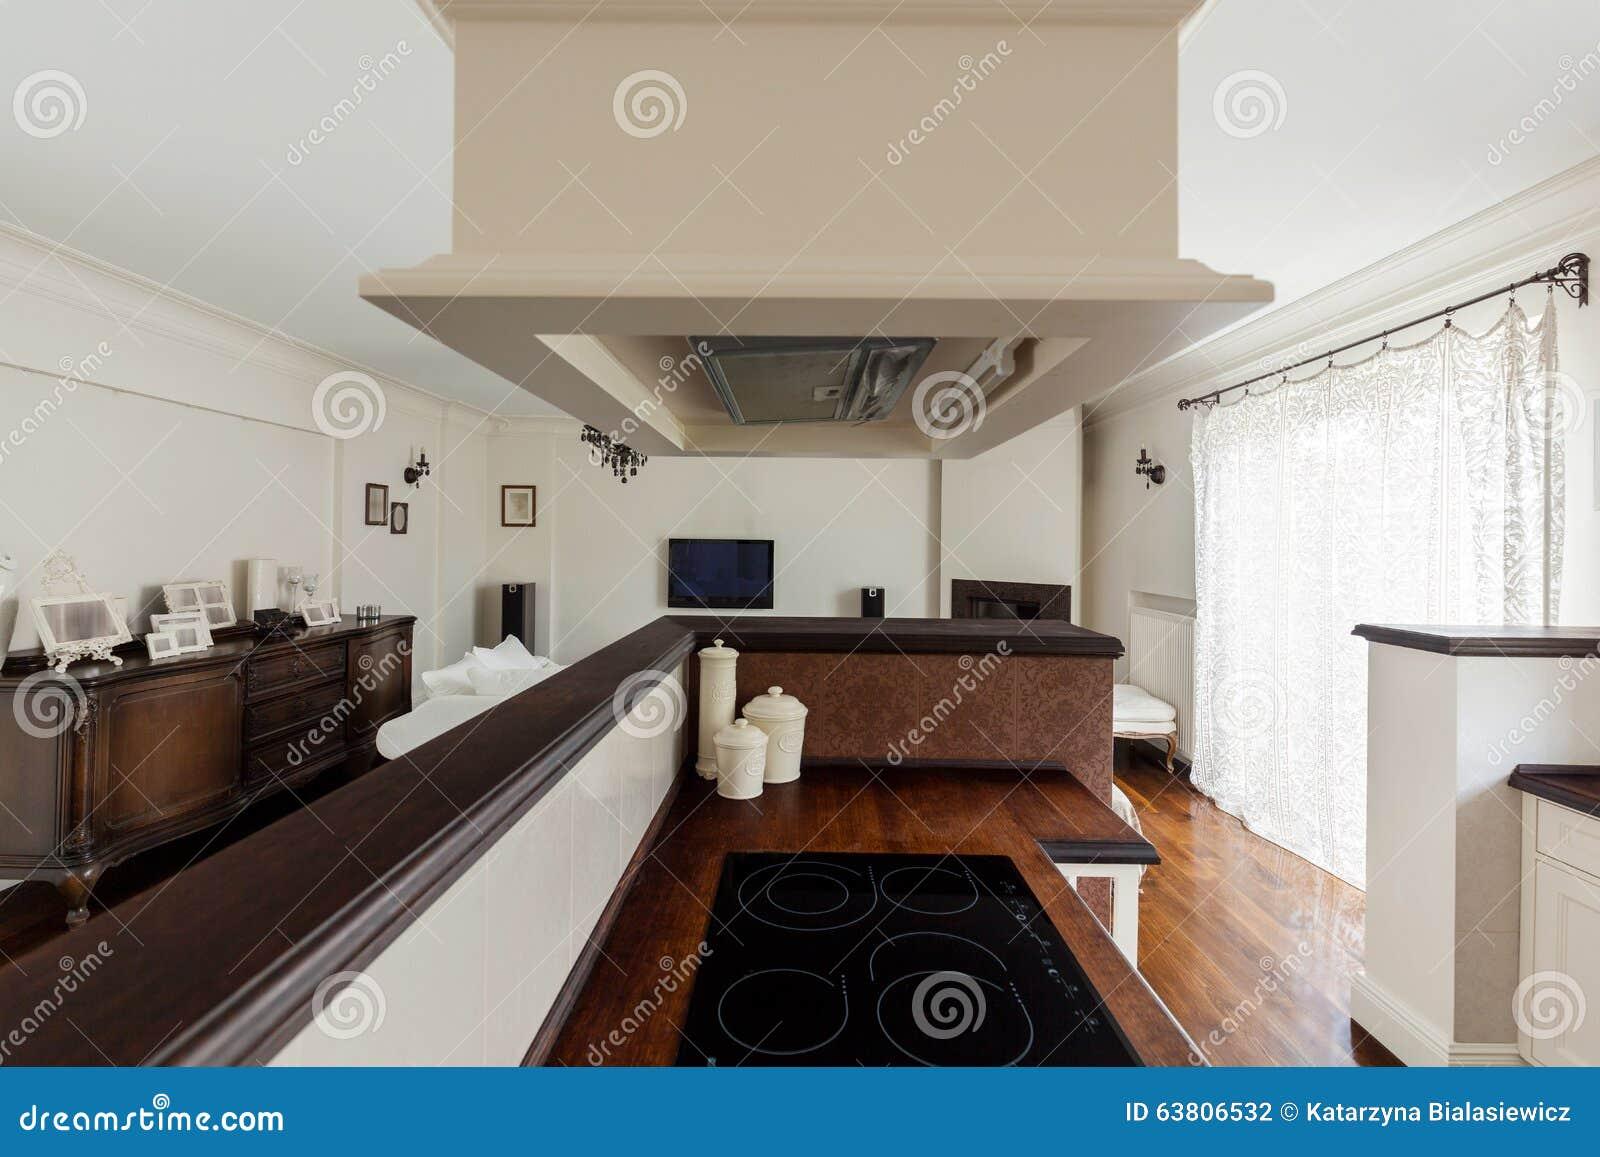 Moderne keuken in oude stijl stock foto afbeelding